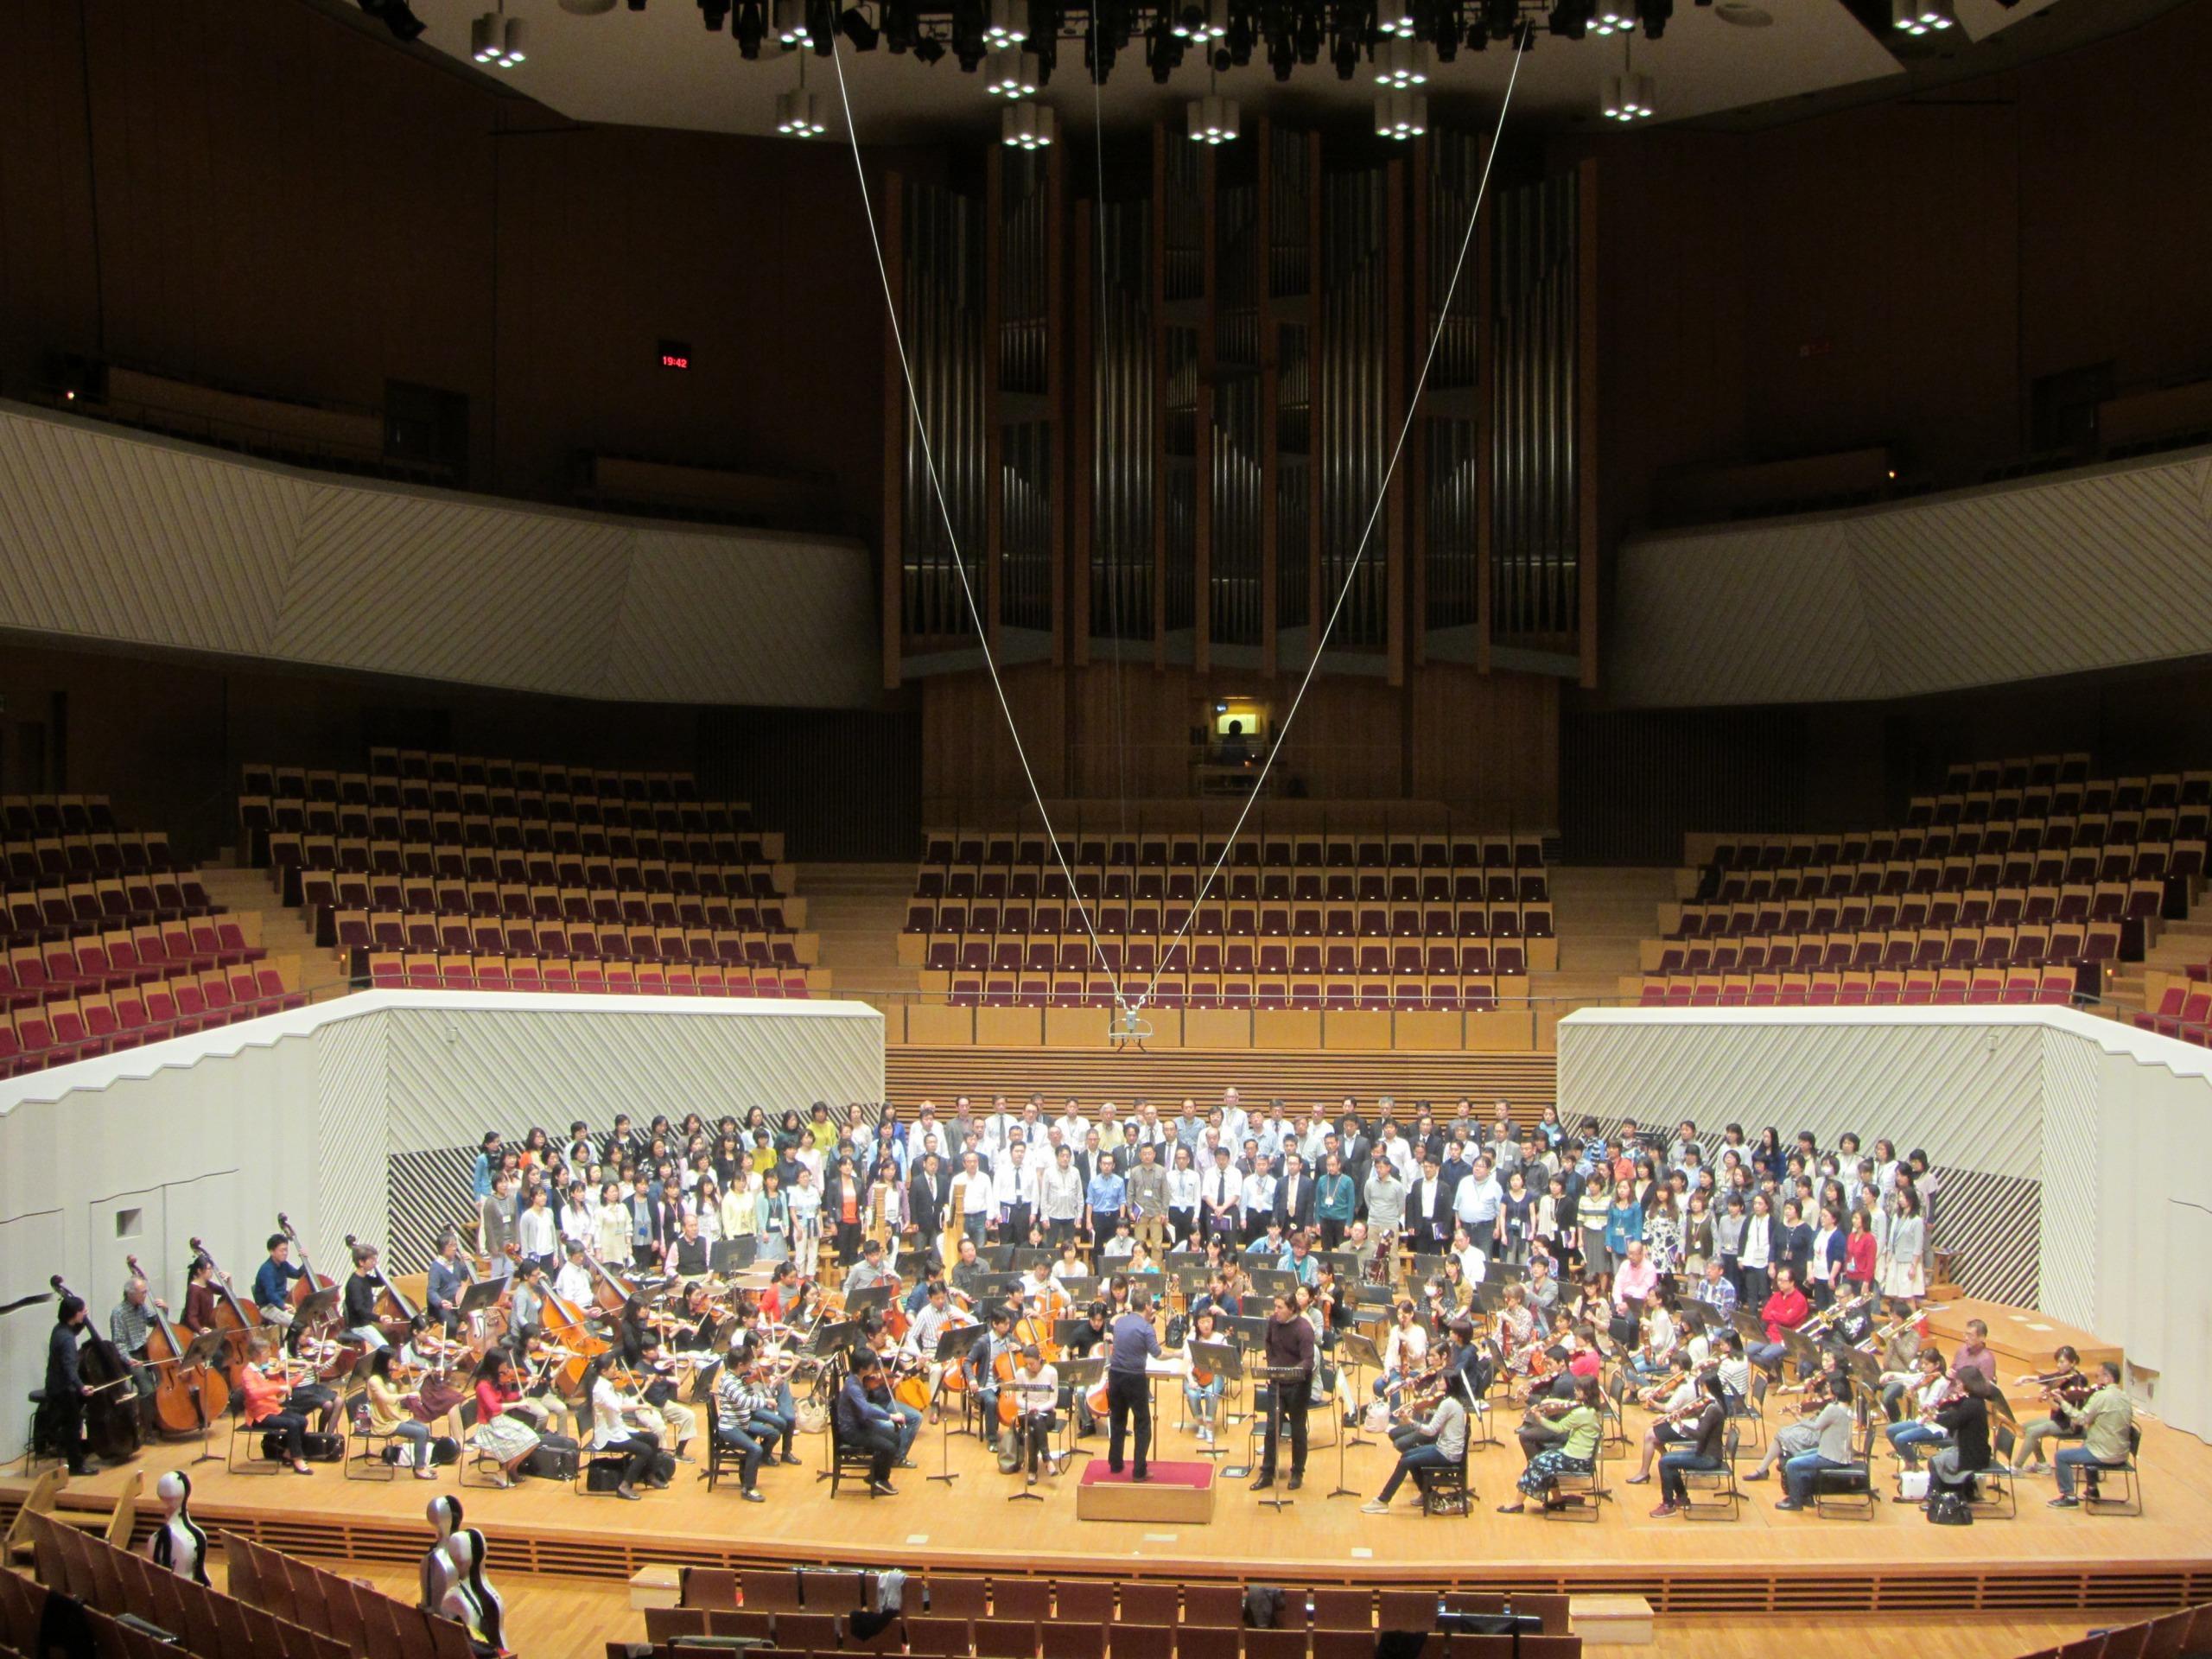 空間に、立体的に鳴り響く音楽は演奏会だけのものだ 提供:東京交響楽団